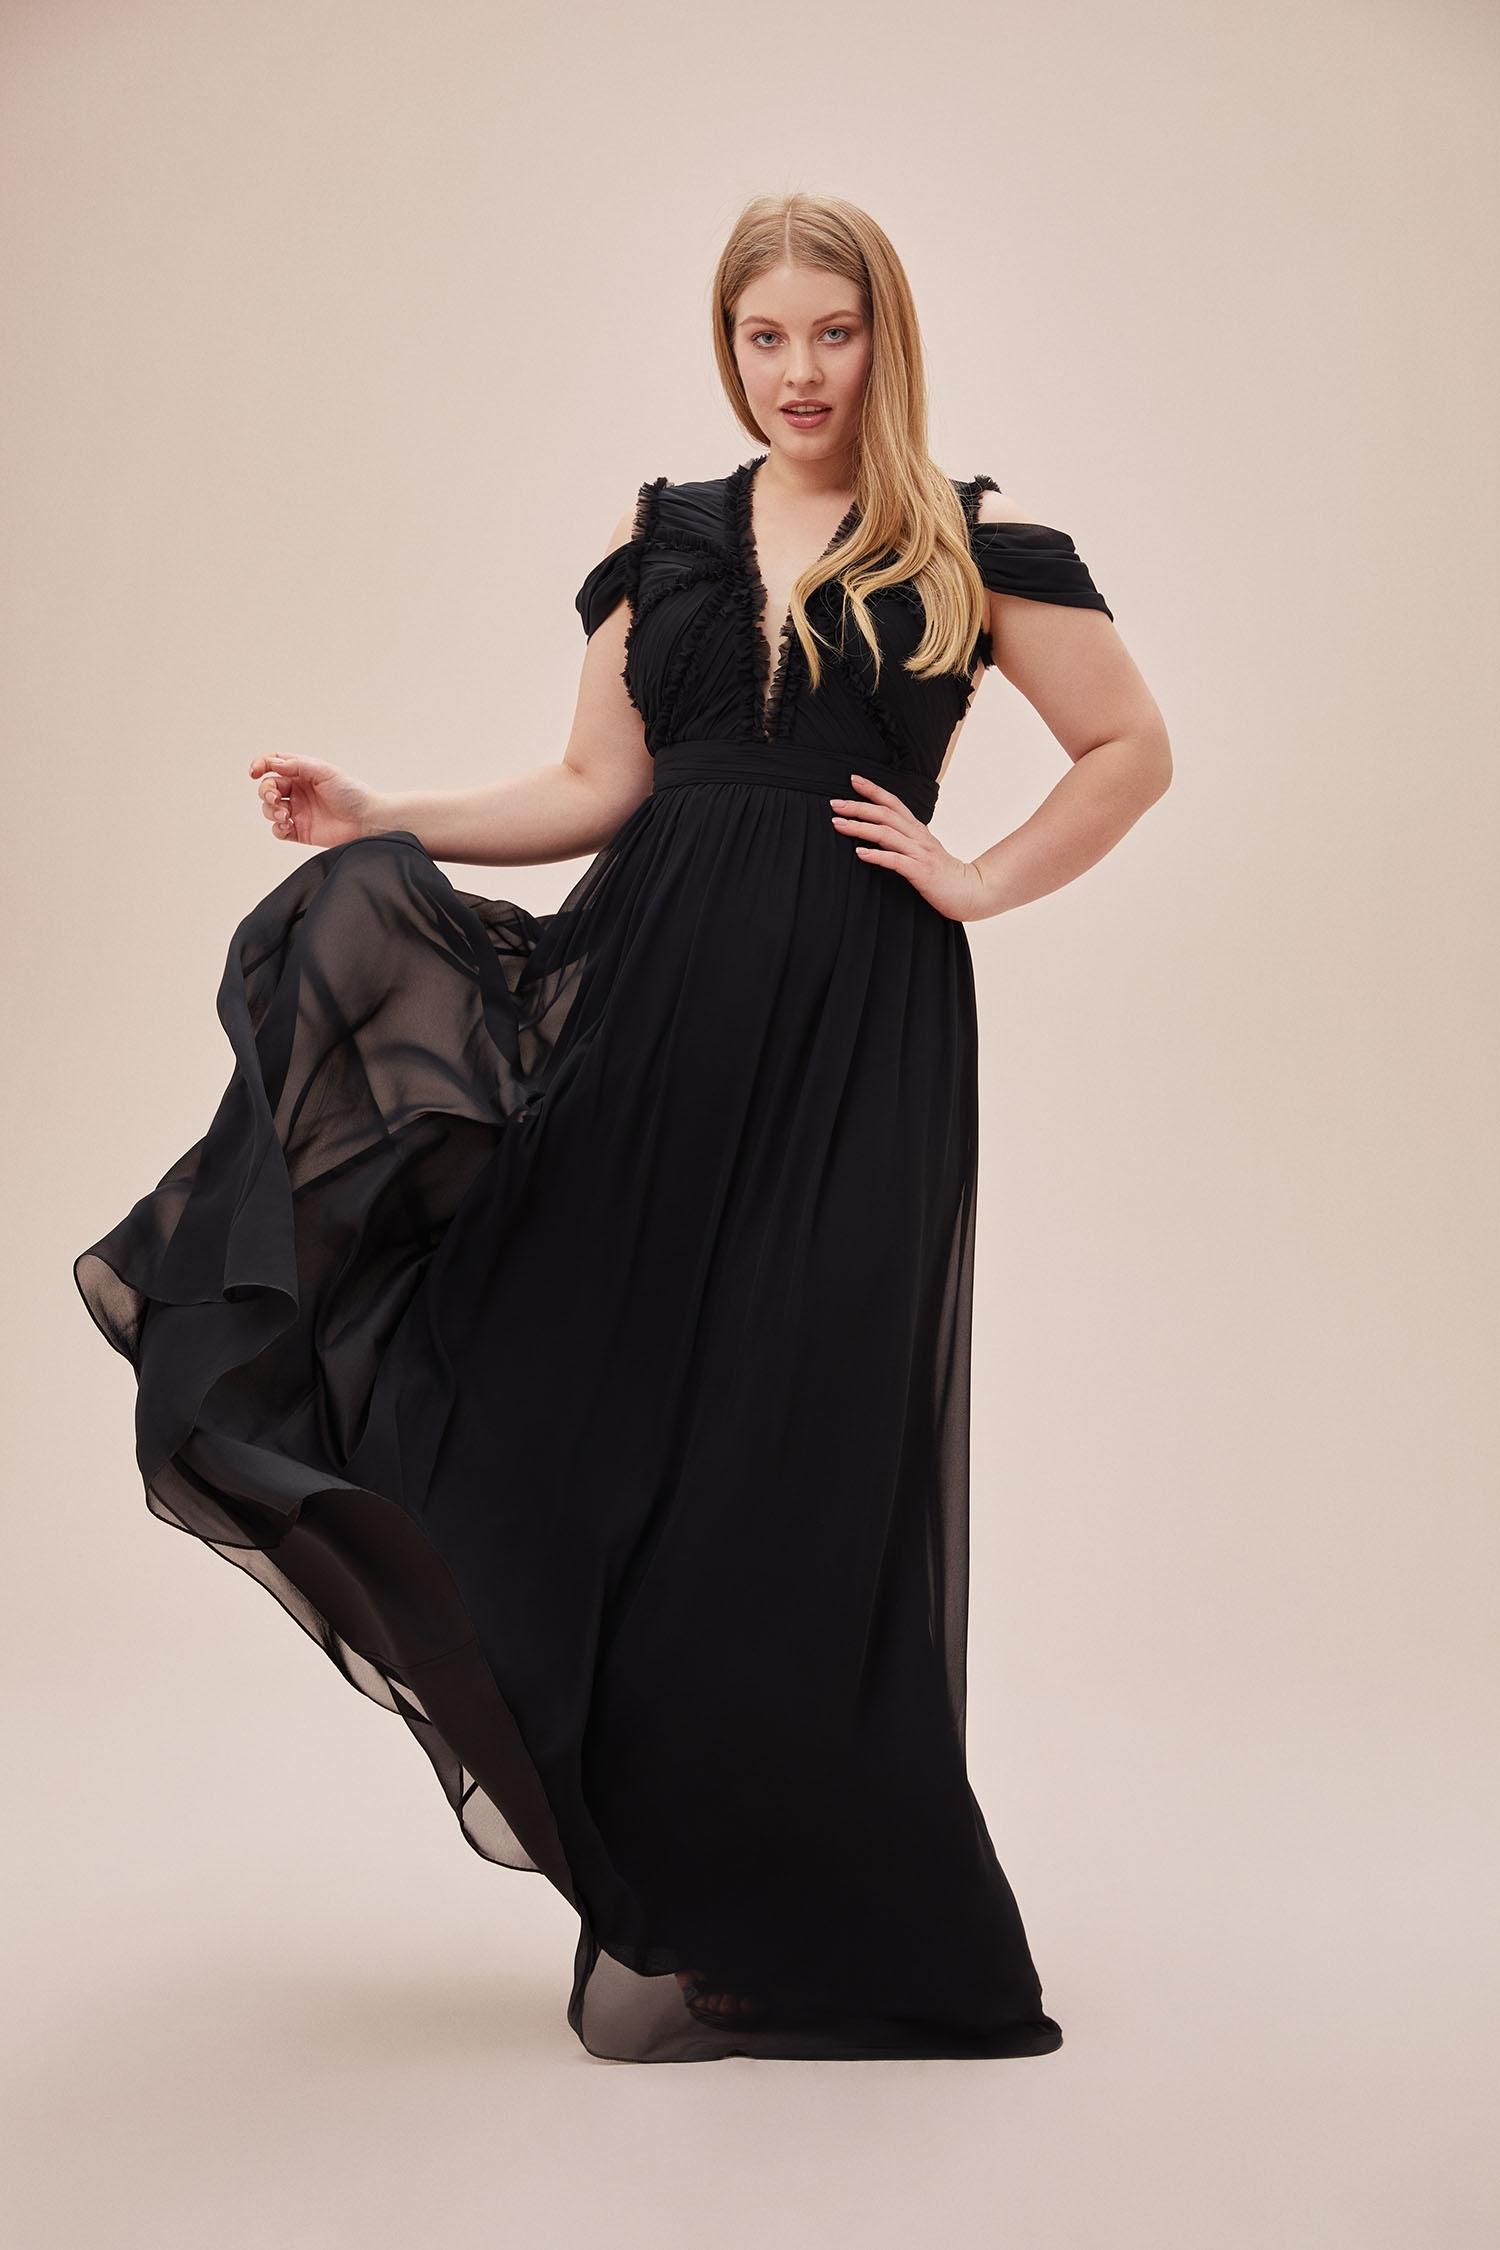 Siyah Çıkarılabilir Kol Detaylı Şifon Uzun Büyük Beden Elbise - Thumbnail